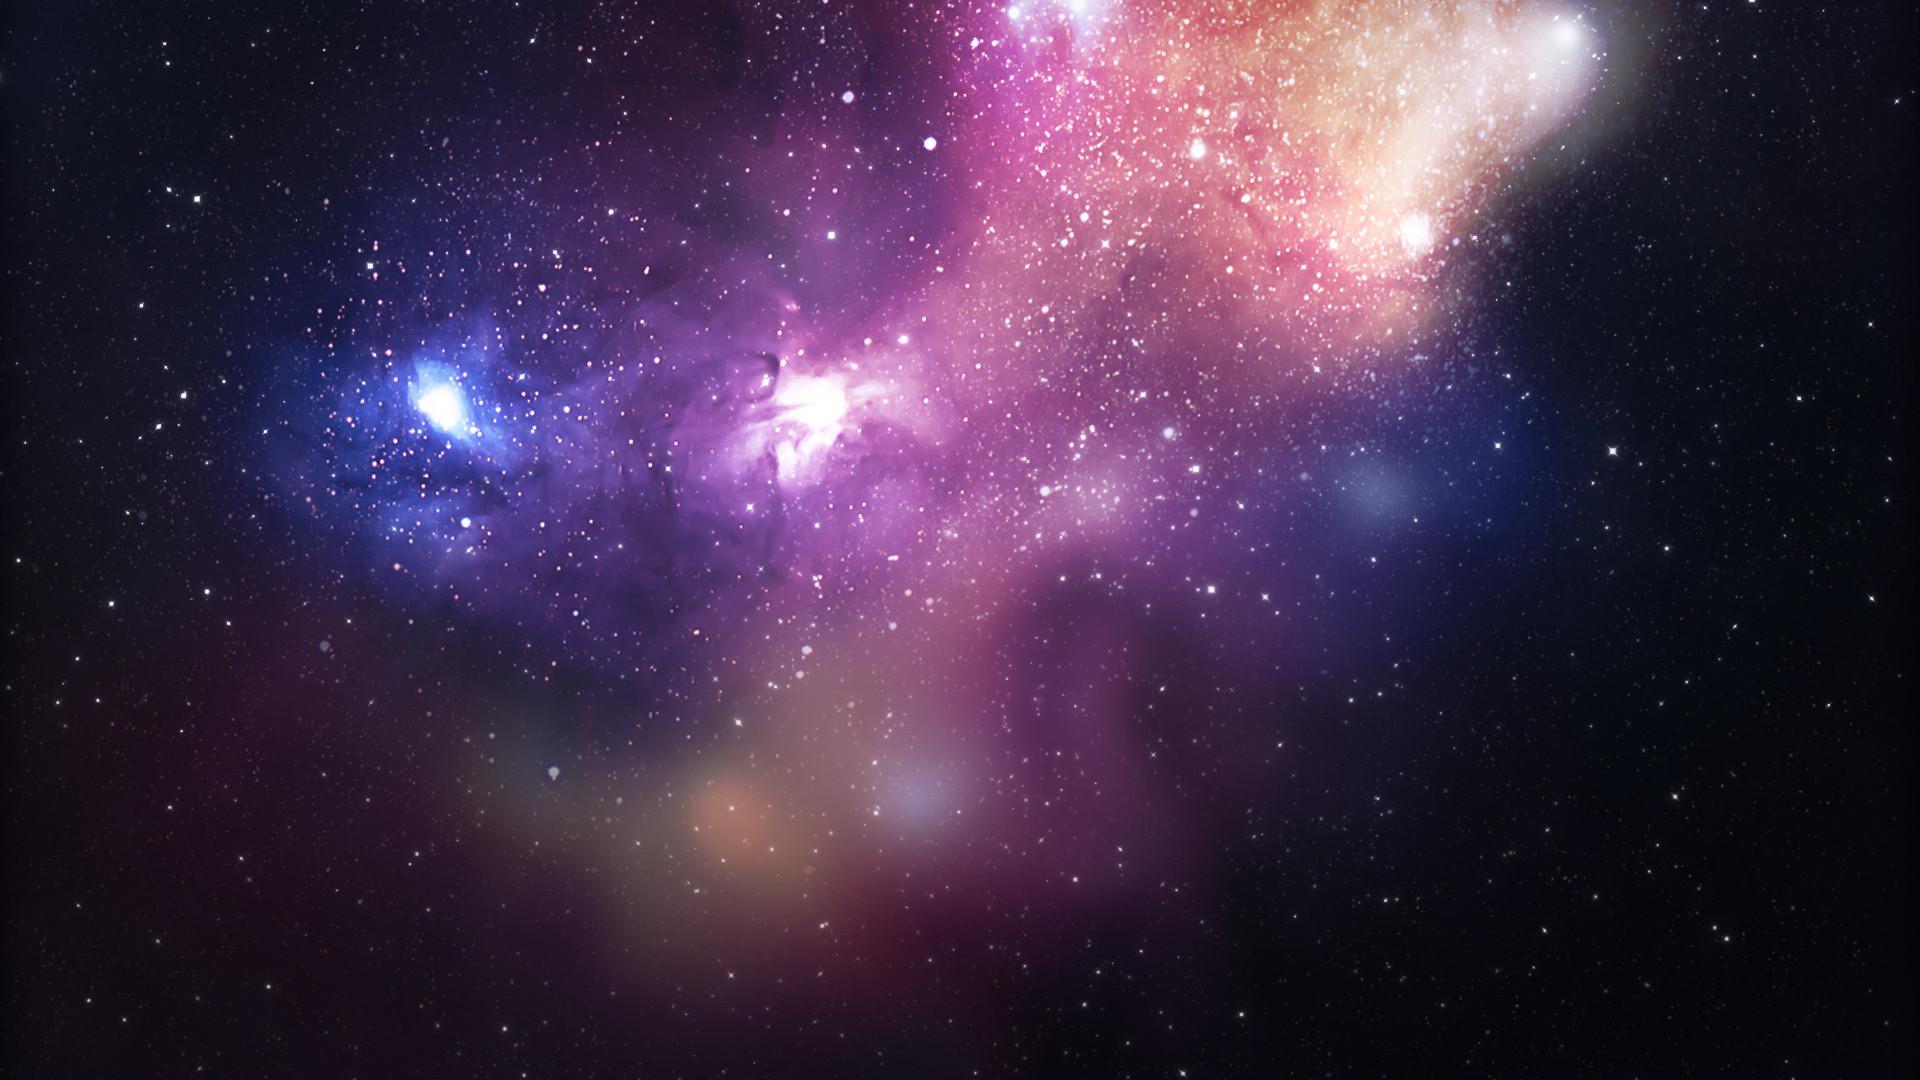 spacebg